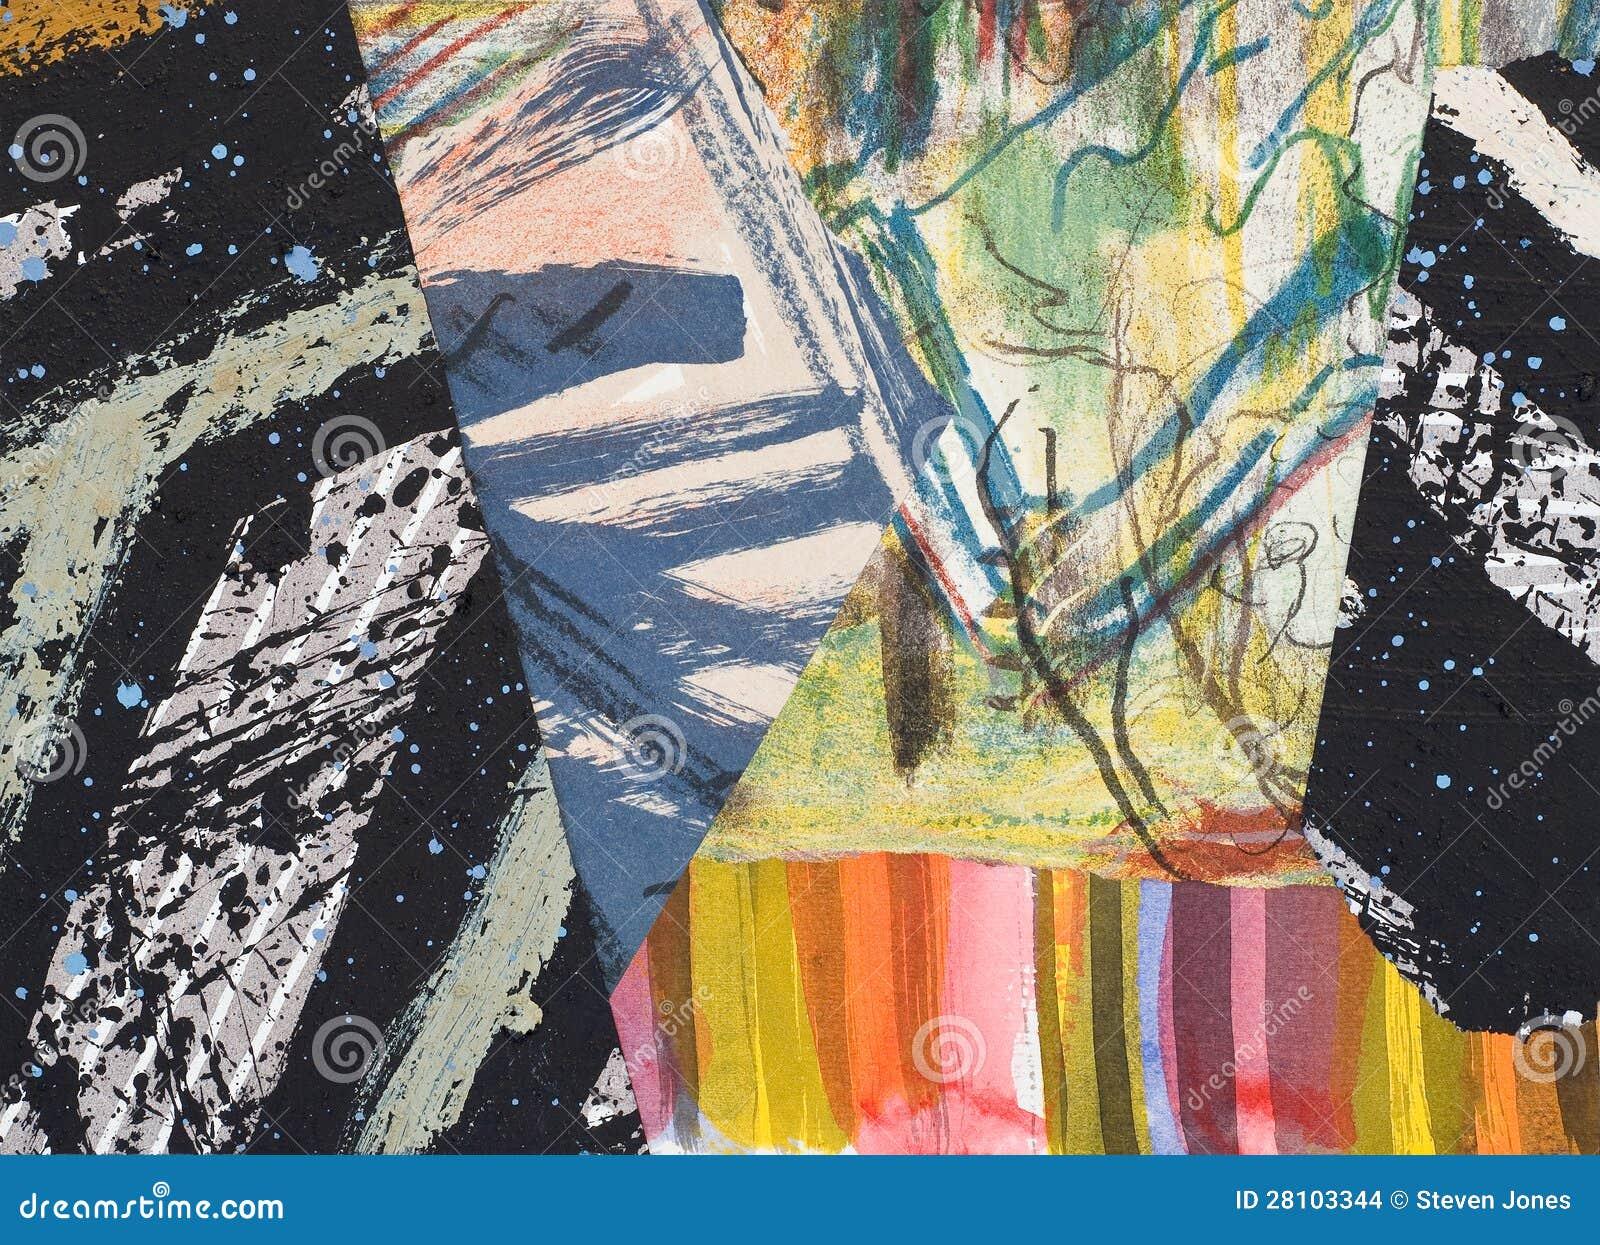 Collage de papel pintado a mano imagenes de archivo imagen 28103344 - Papel pintado a mano ...